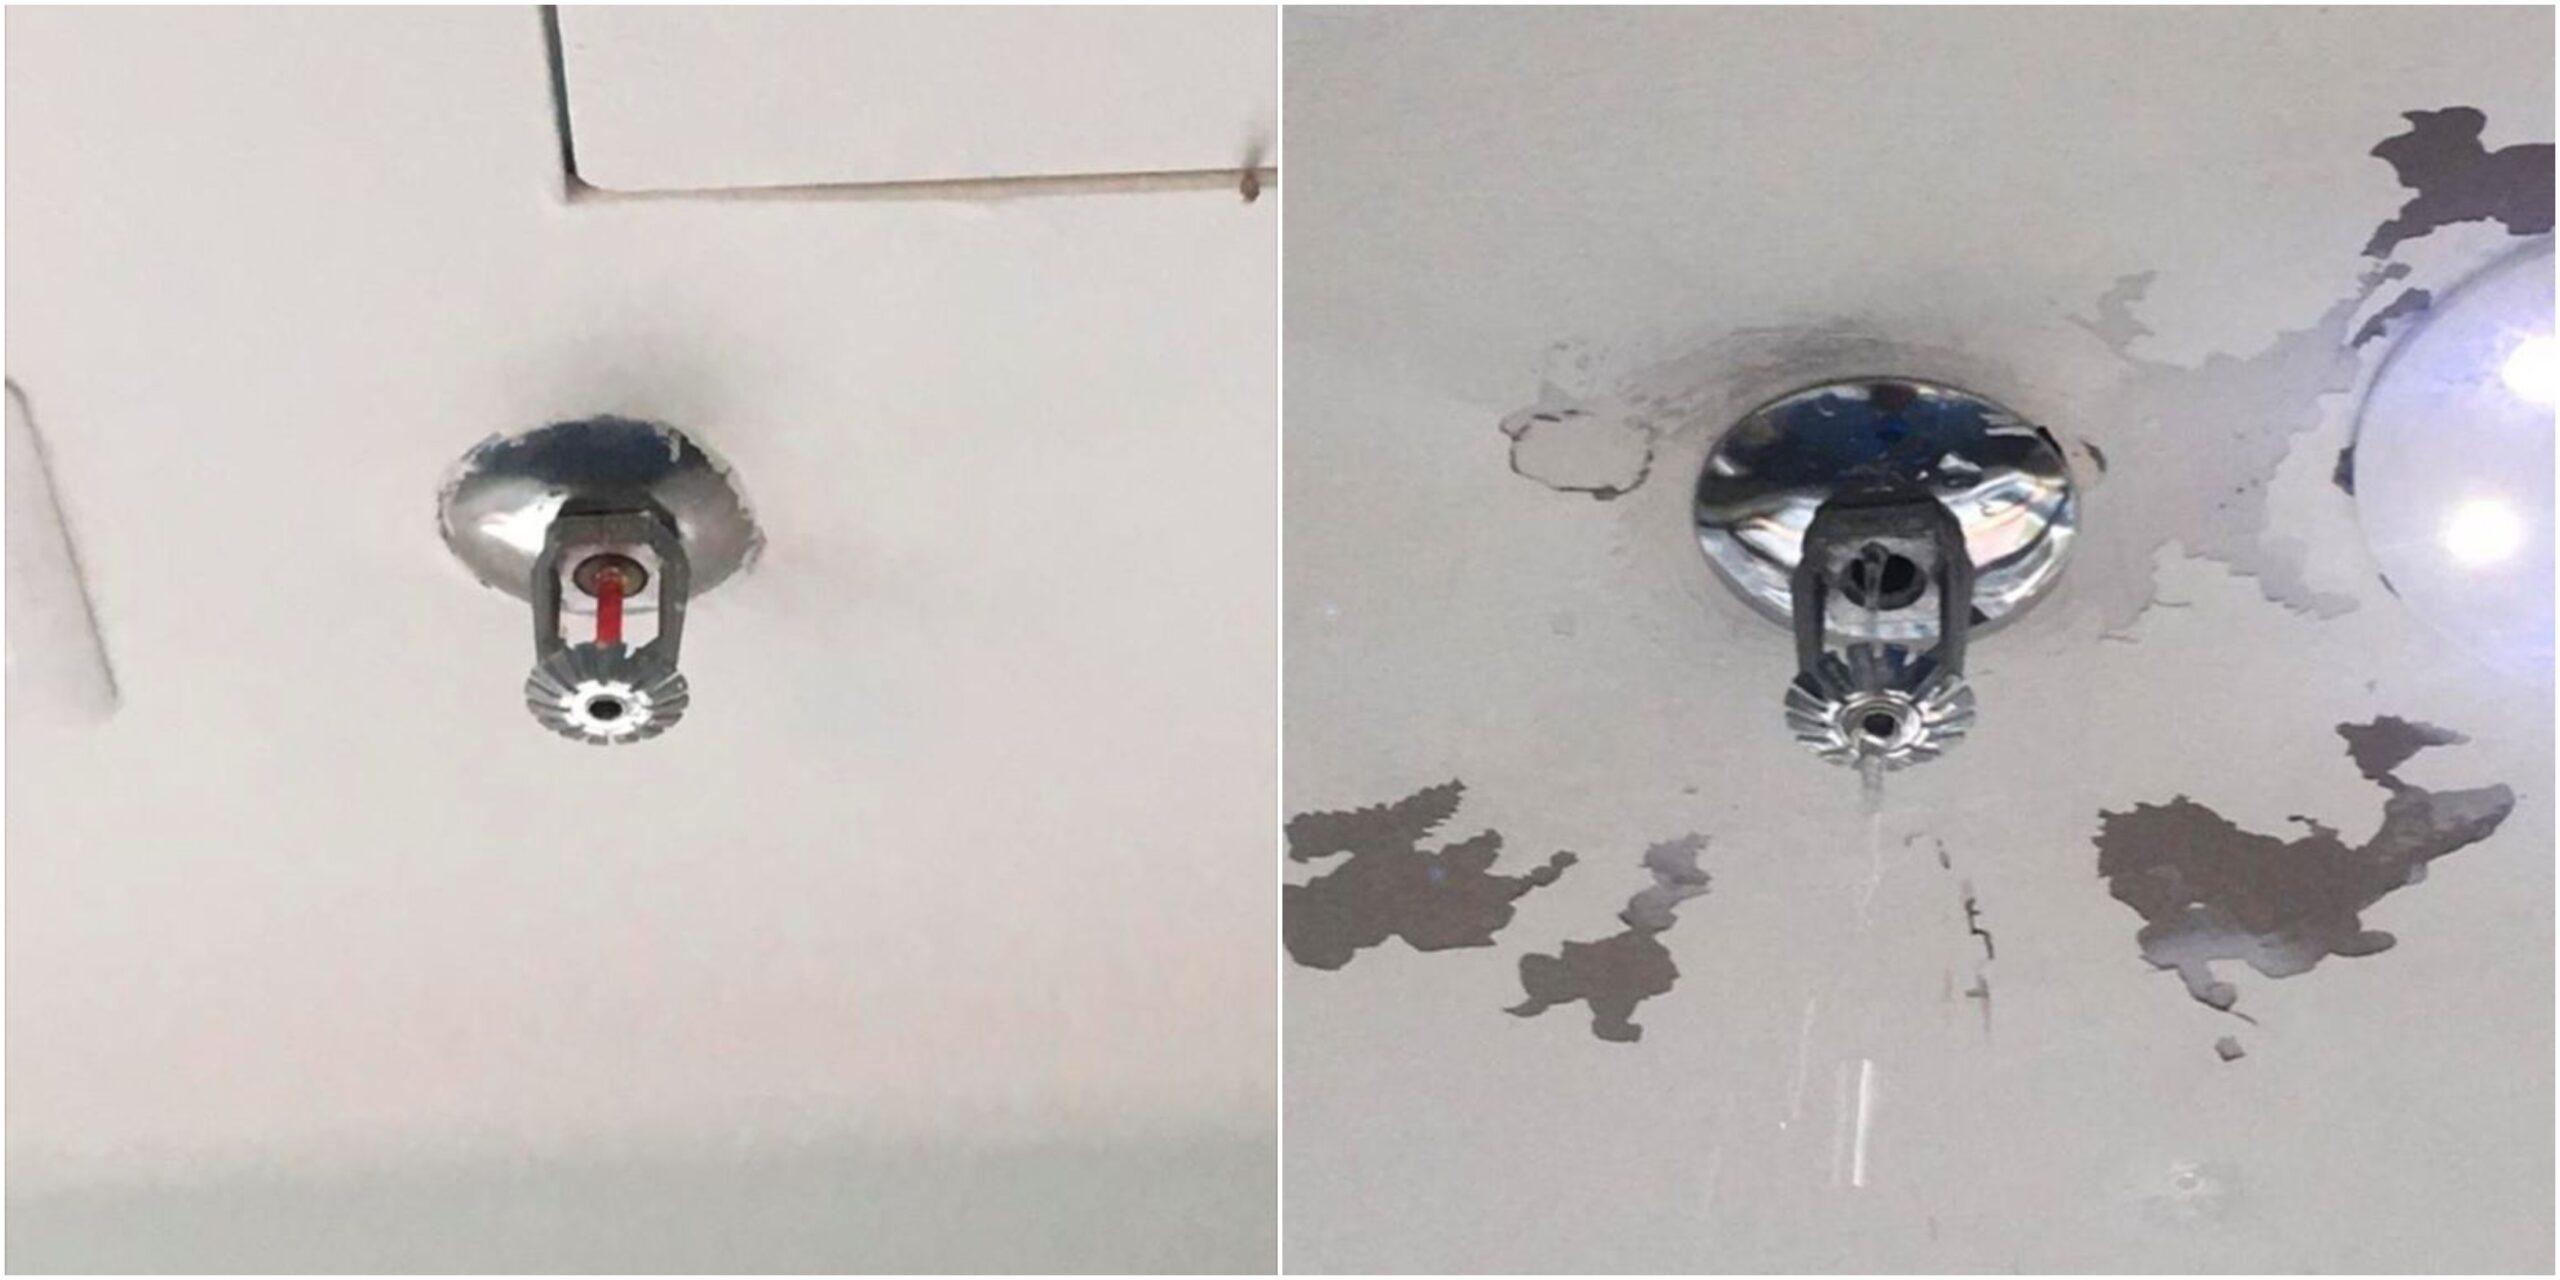 Padah Gantung Dekat Fire Sprinkler – Baju Pengantin Basah, Duit Beribu Melayang